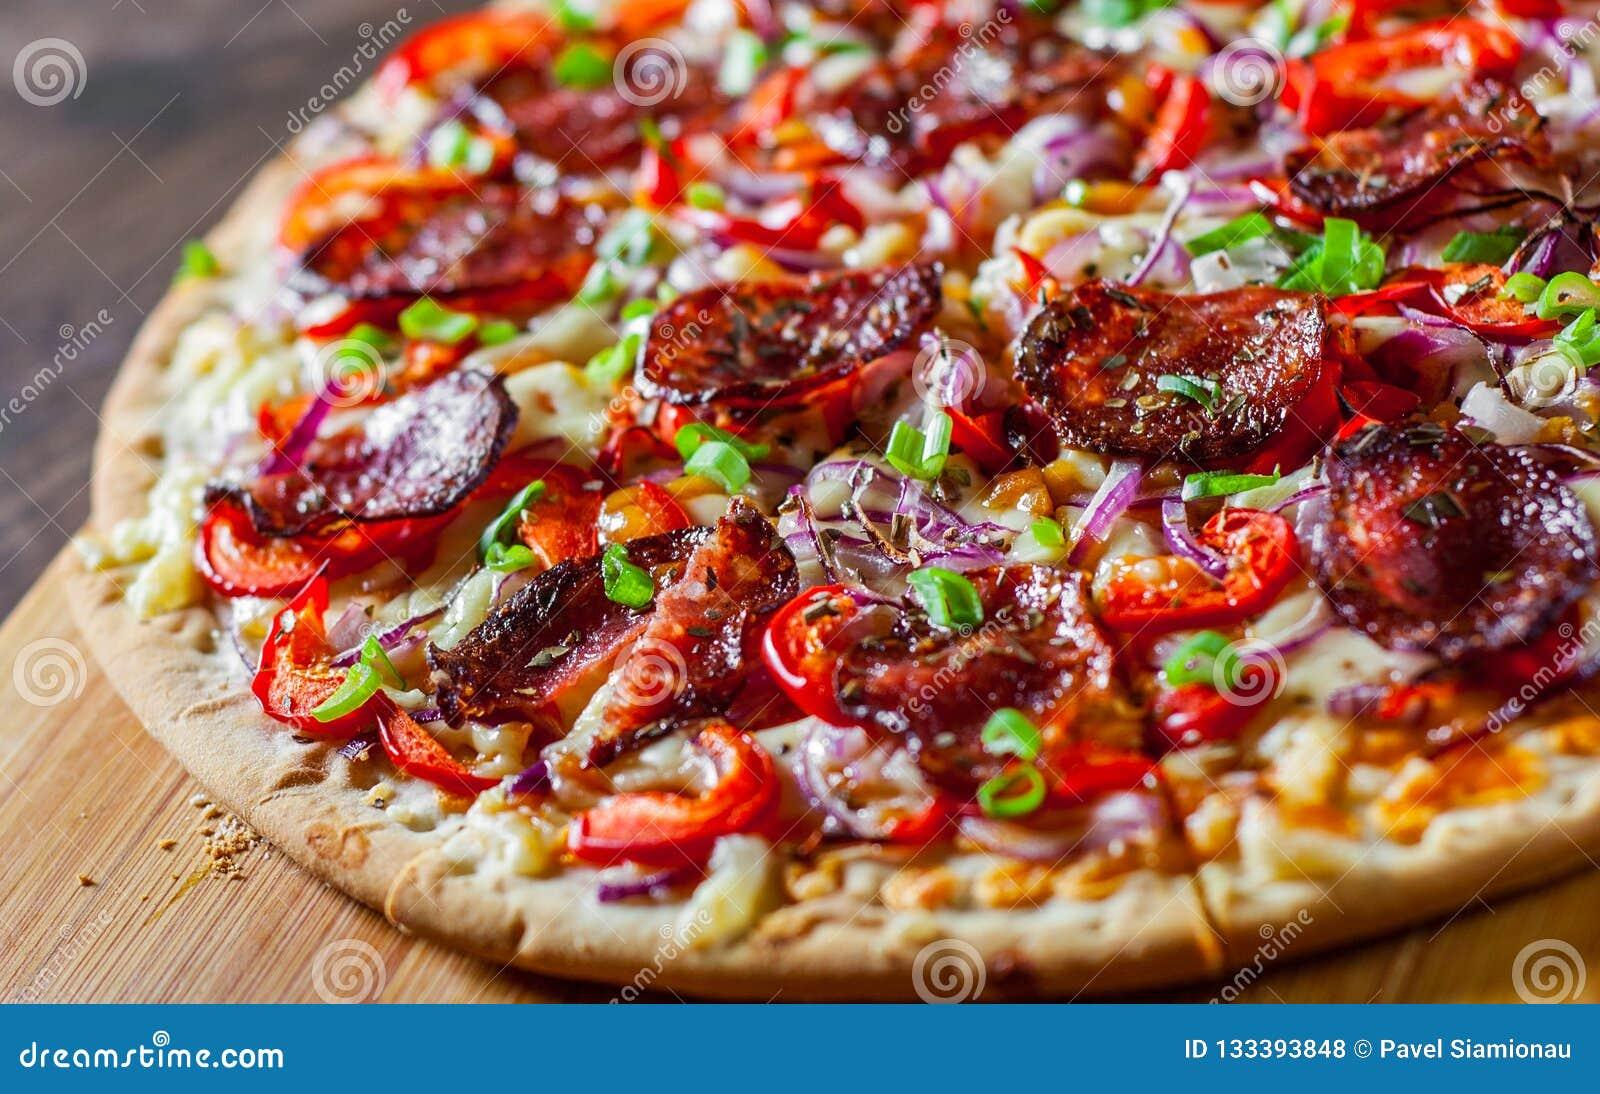 辣香肠烘饼用无盐干酪乳酪,蒜味咸腊肠,西红柿酱,胡椒,葱,加香料 在木桌上的意大利薄饼